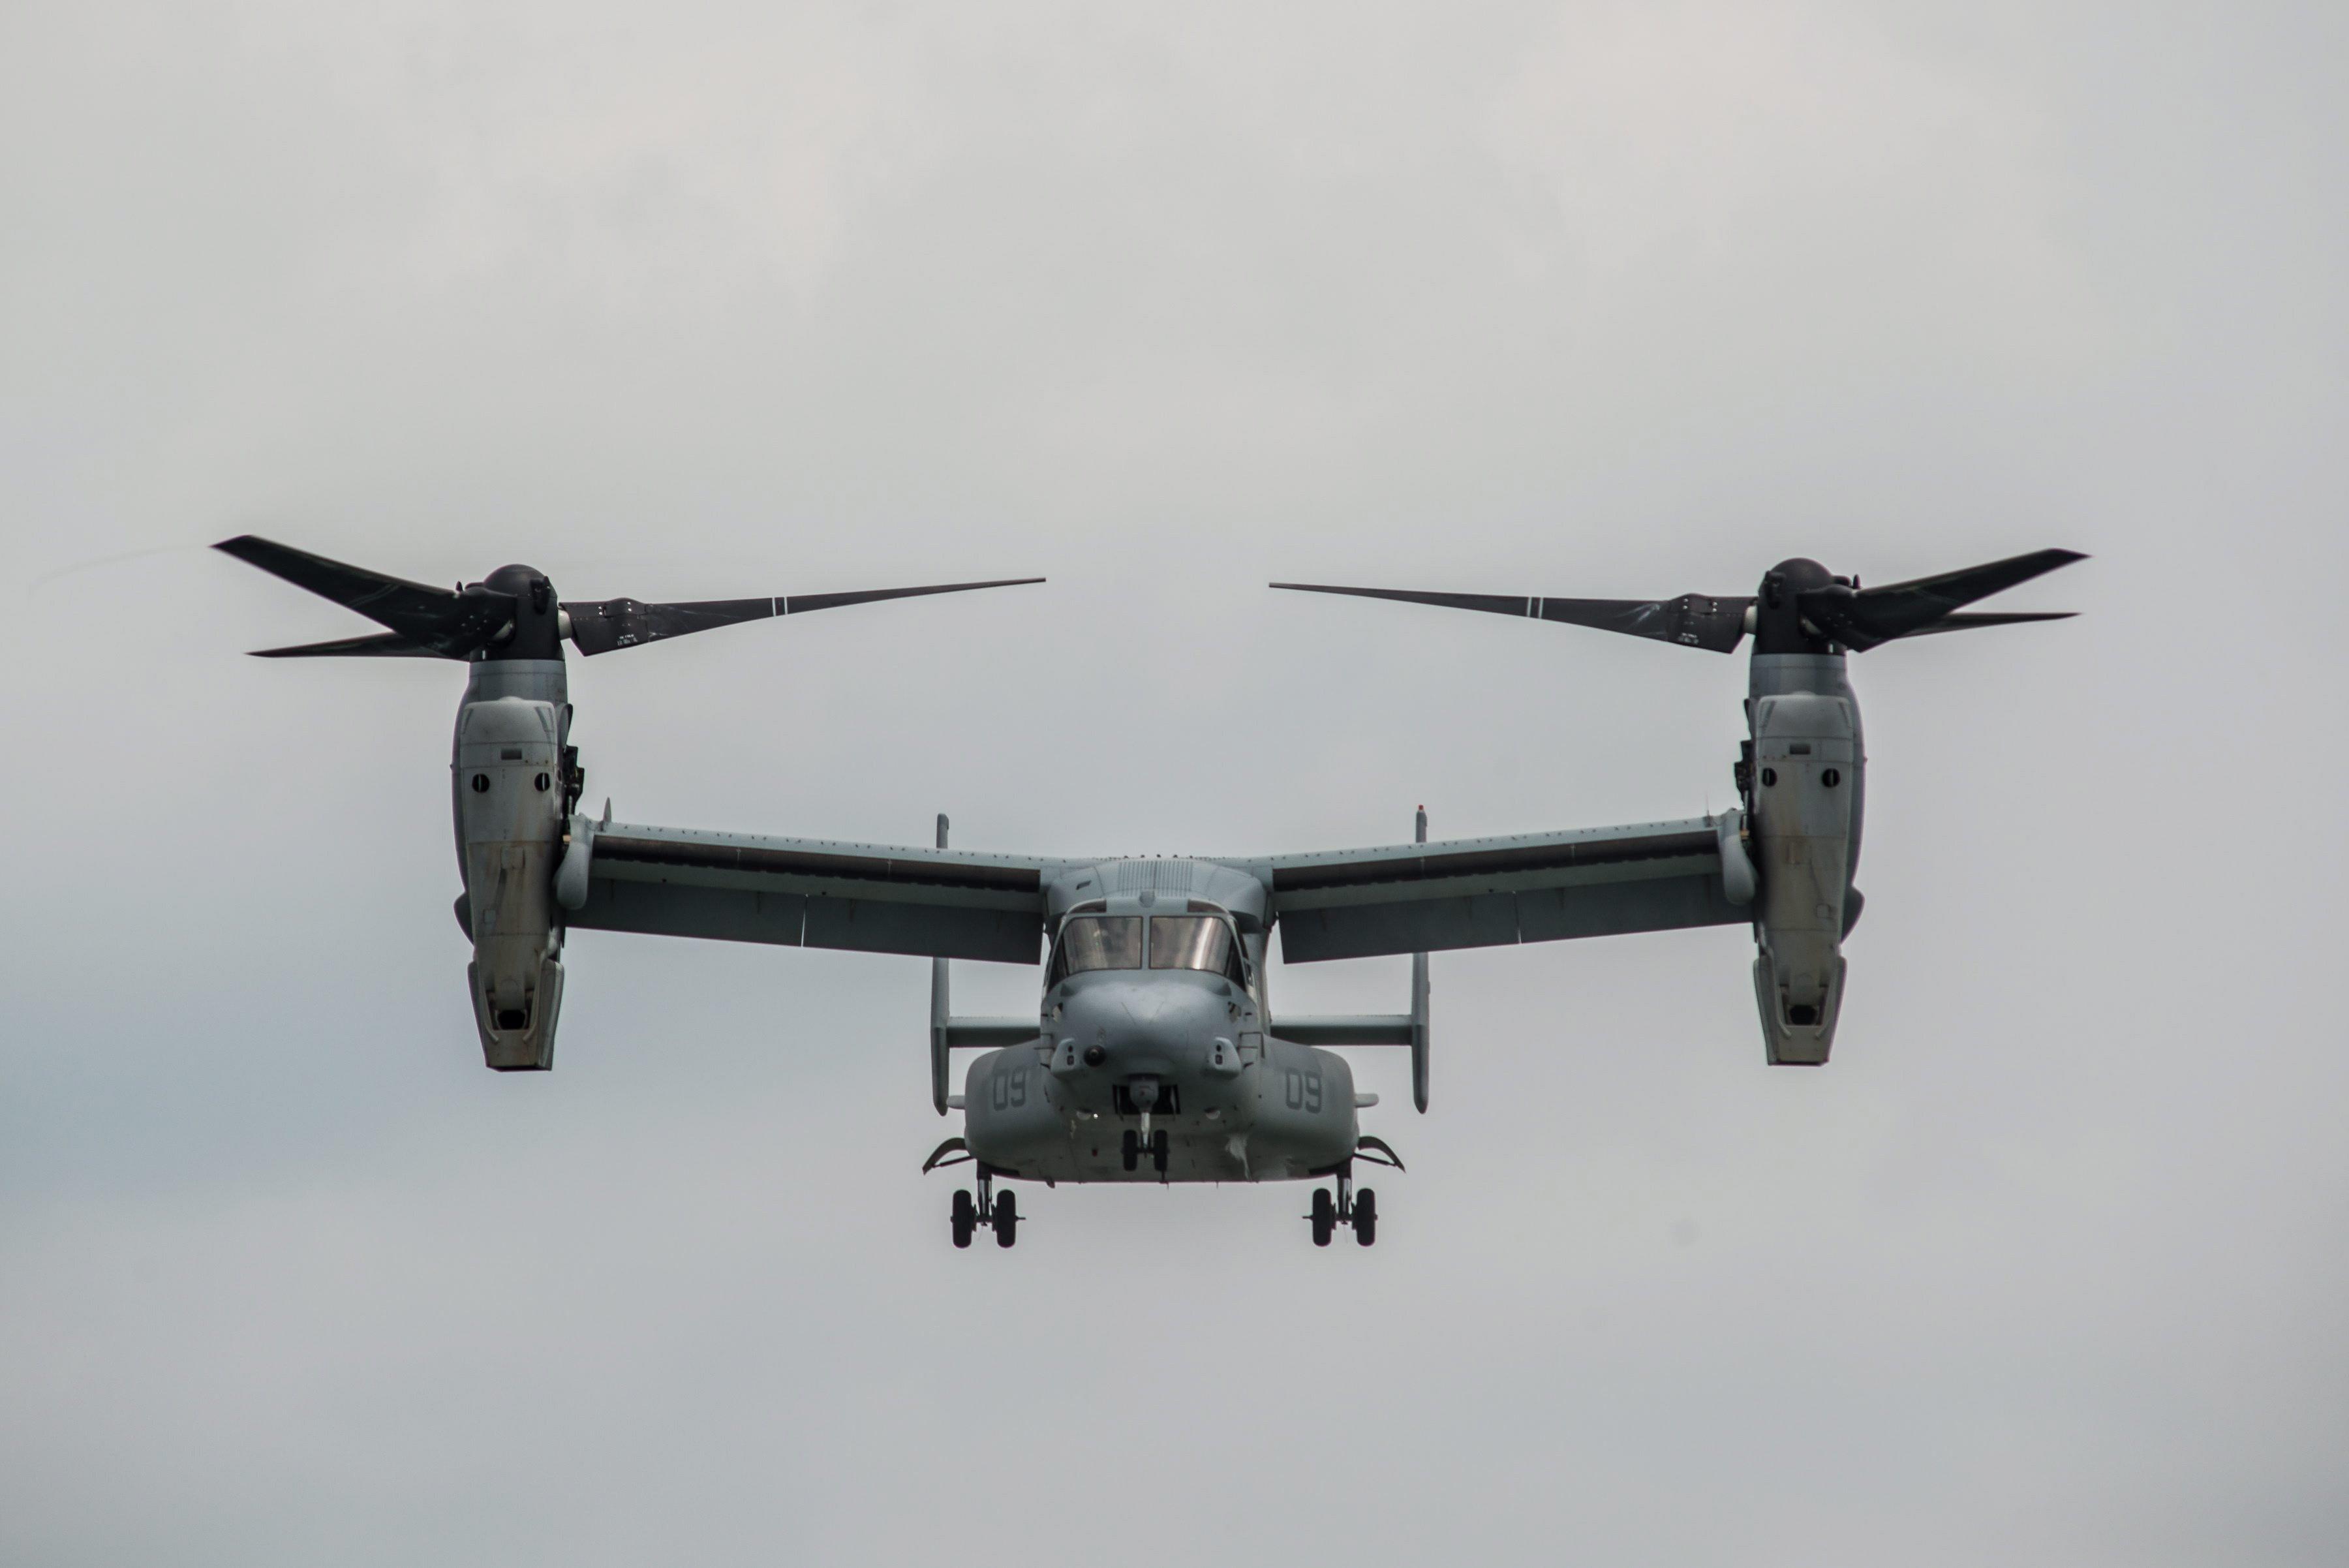 Die Bell Boeing MV-22B Osprey bei der Singapore Airshow im Februar 2014. Die US Army benutzt den Kippflügler, umSoldaten und Ausrüstung über längere Strecken schnell zu befördern.